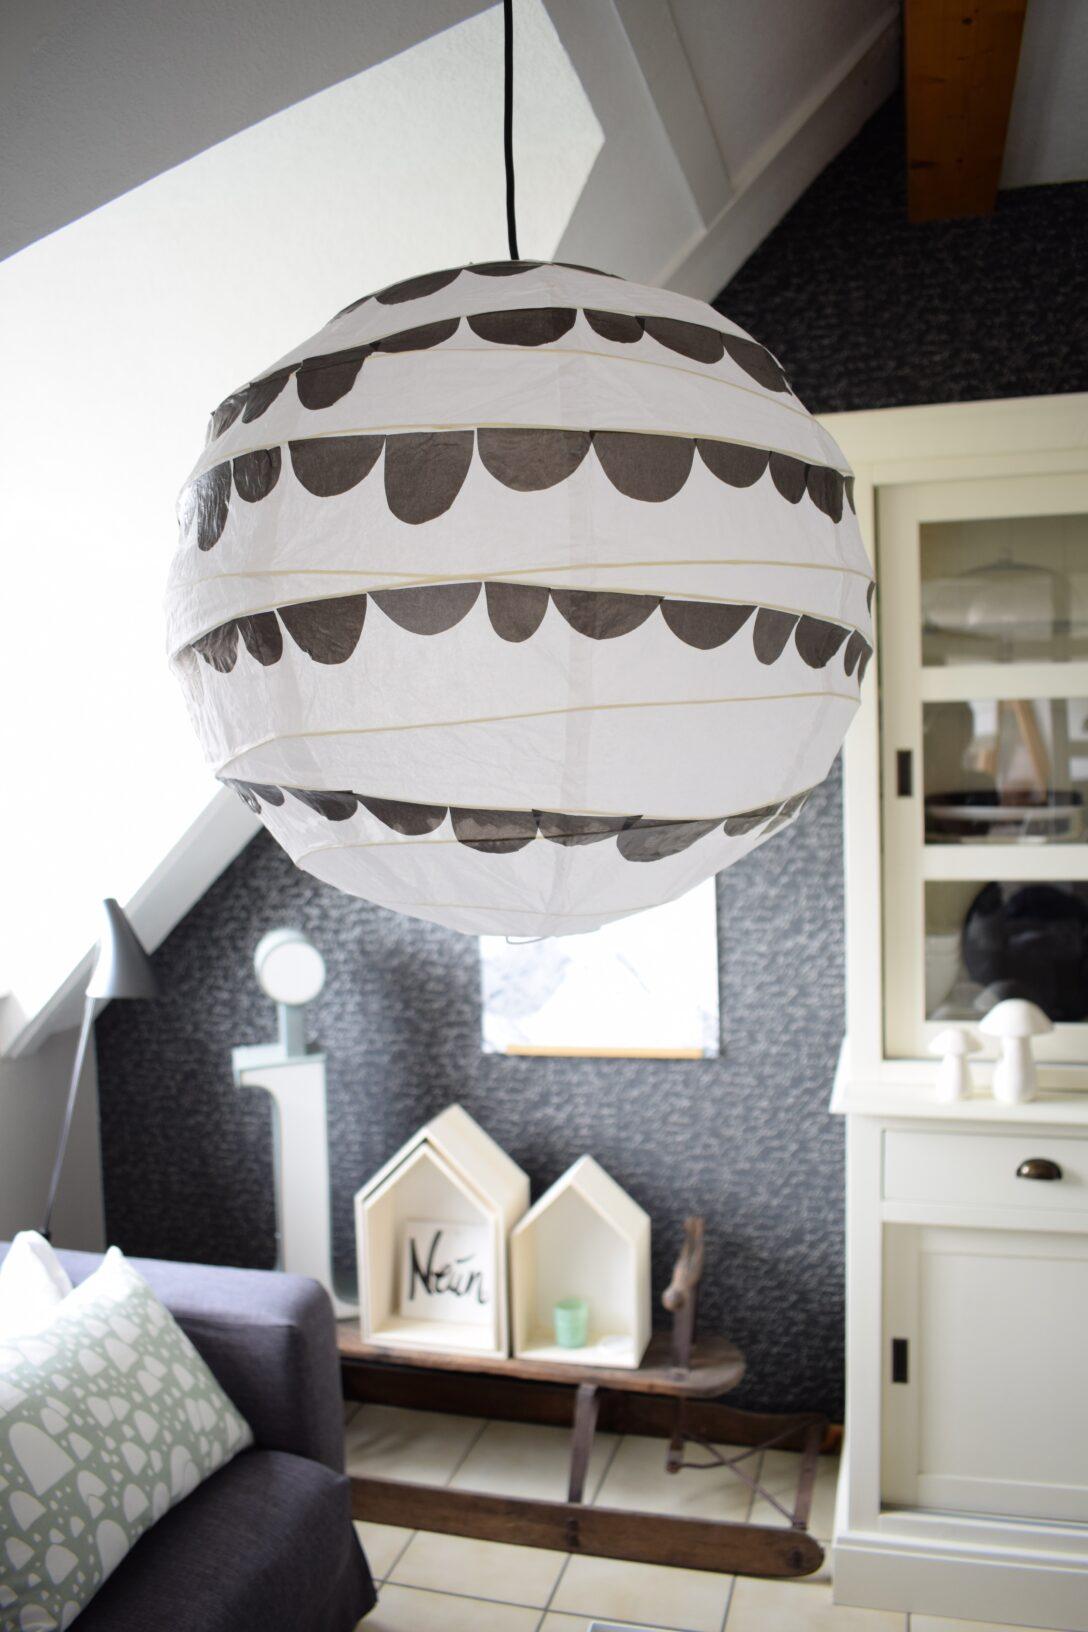 Large Size of Ikea Wohnzimmer Lampe Lampenschirm Leuchten Lampen Led Sofa Kleines Hängelampe Deckenlampe Küche Teppiche Gardinen Für Deckenlampen Modern Hängeschrank Wohnzimmer Ikea Wohnzimmer Lampe